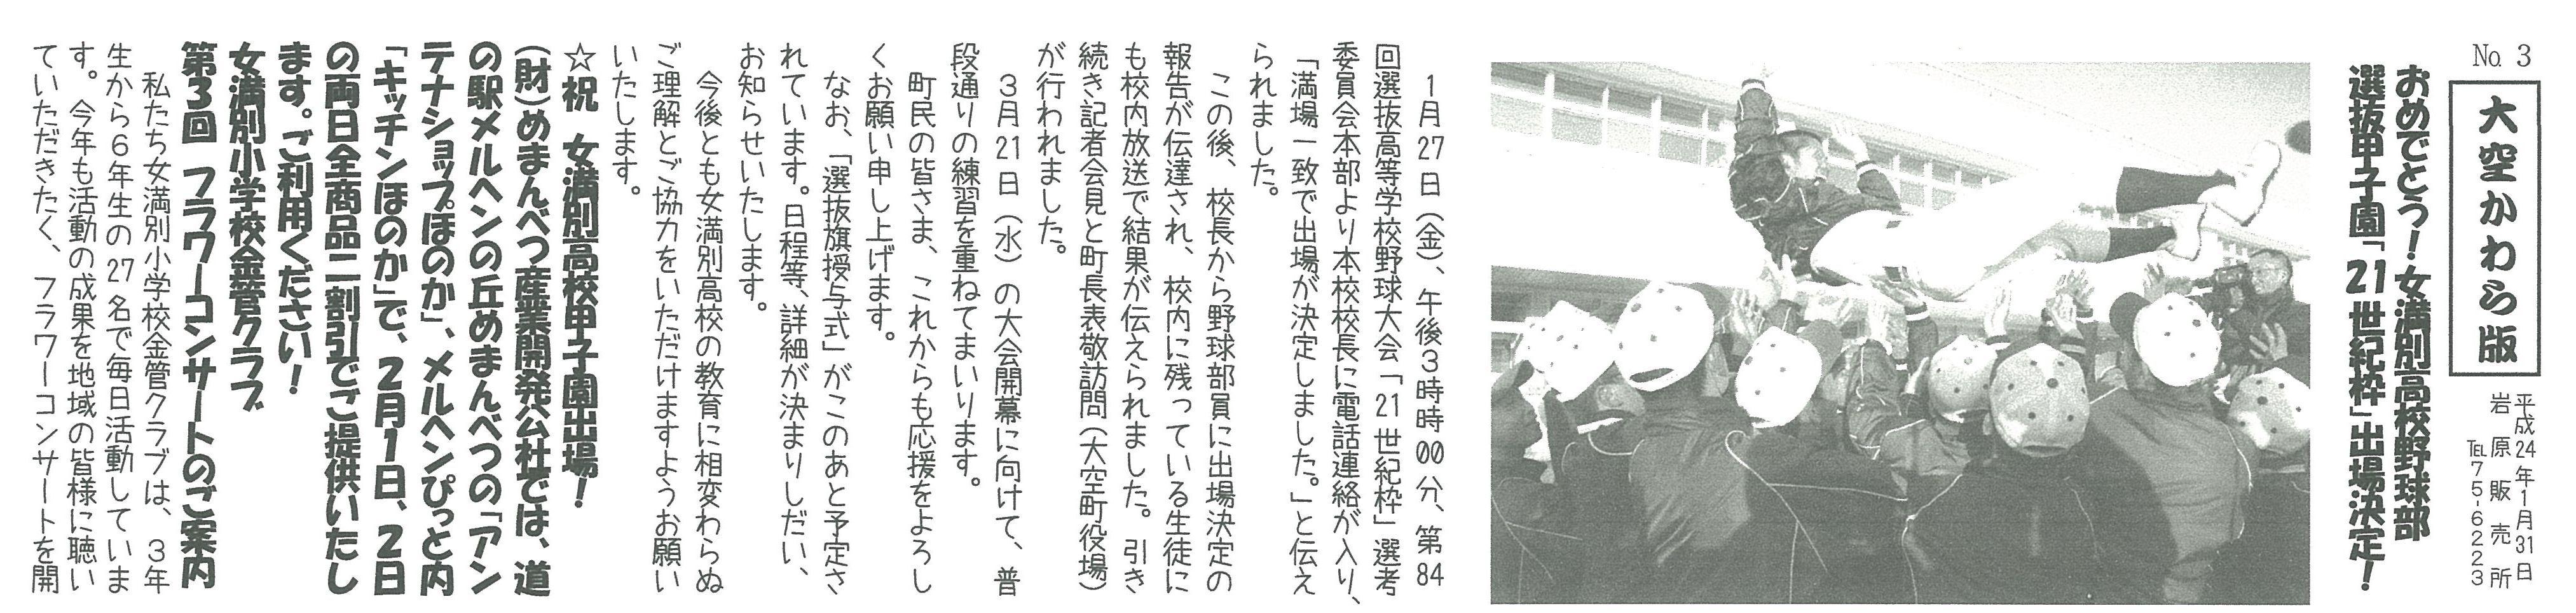 大空町_かわら版_女満別高校野球部